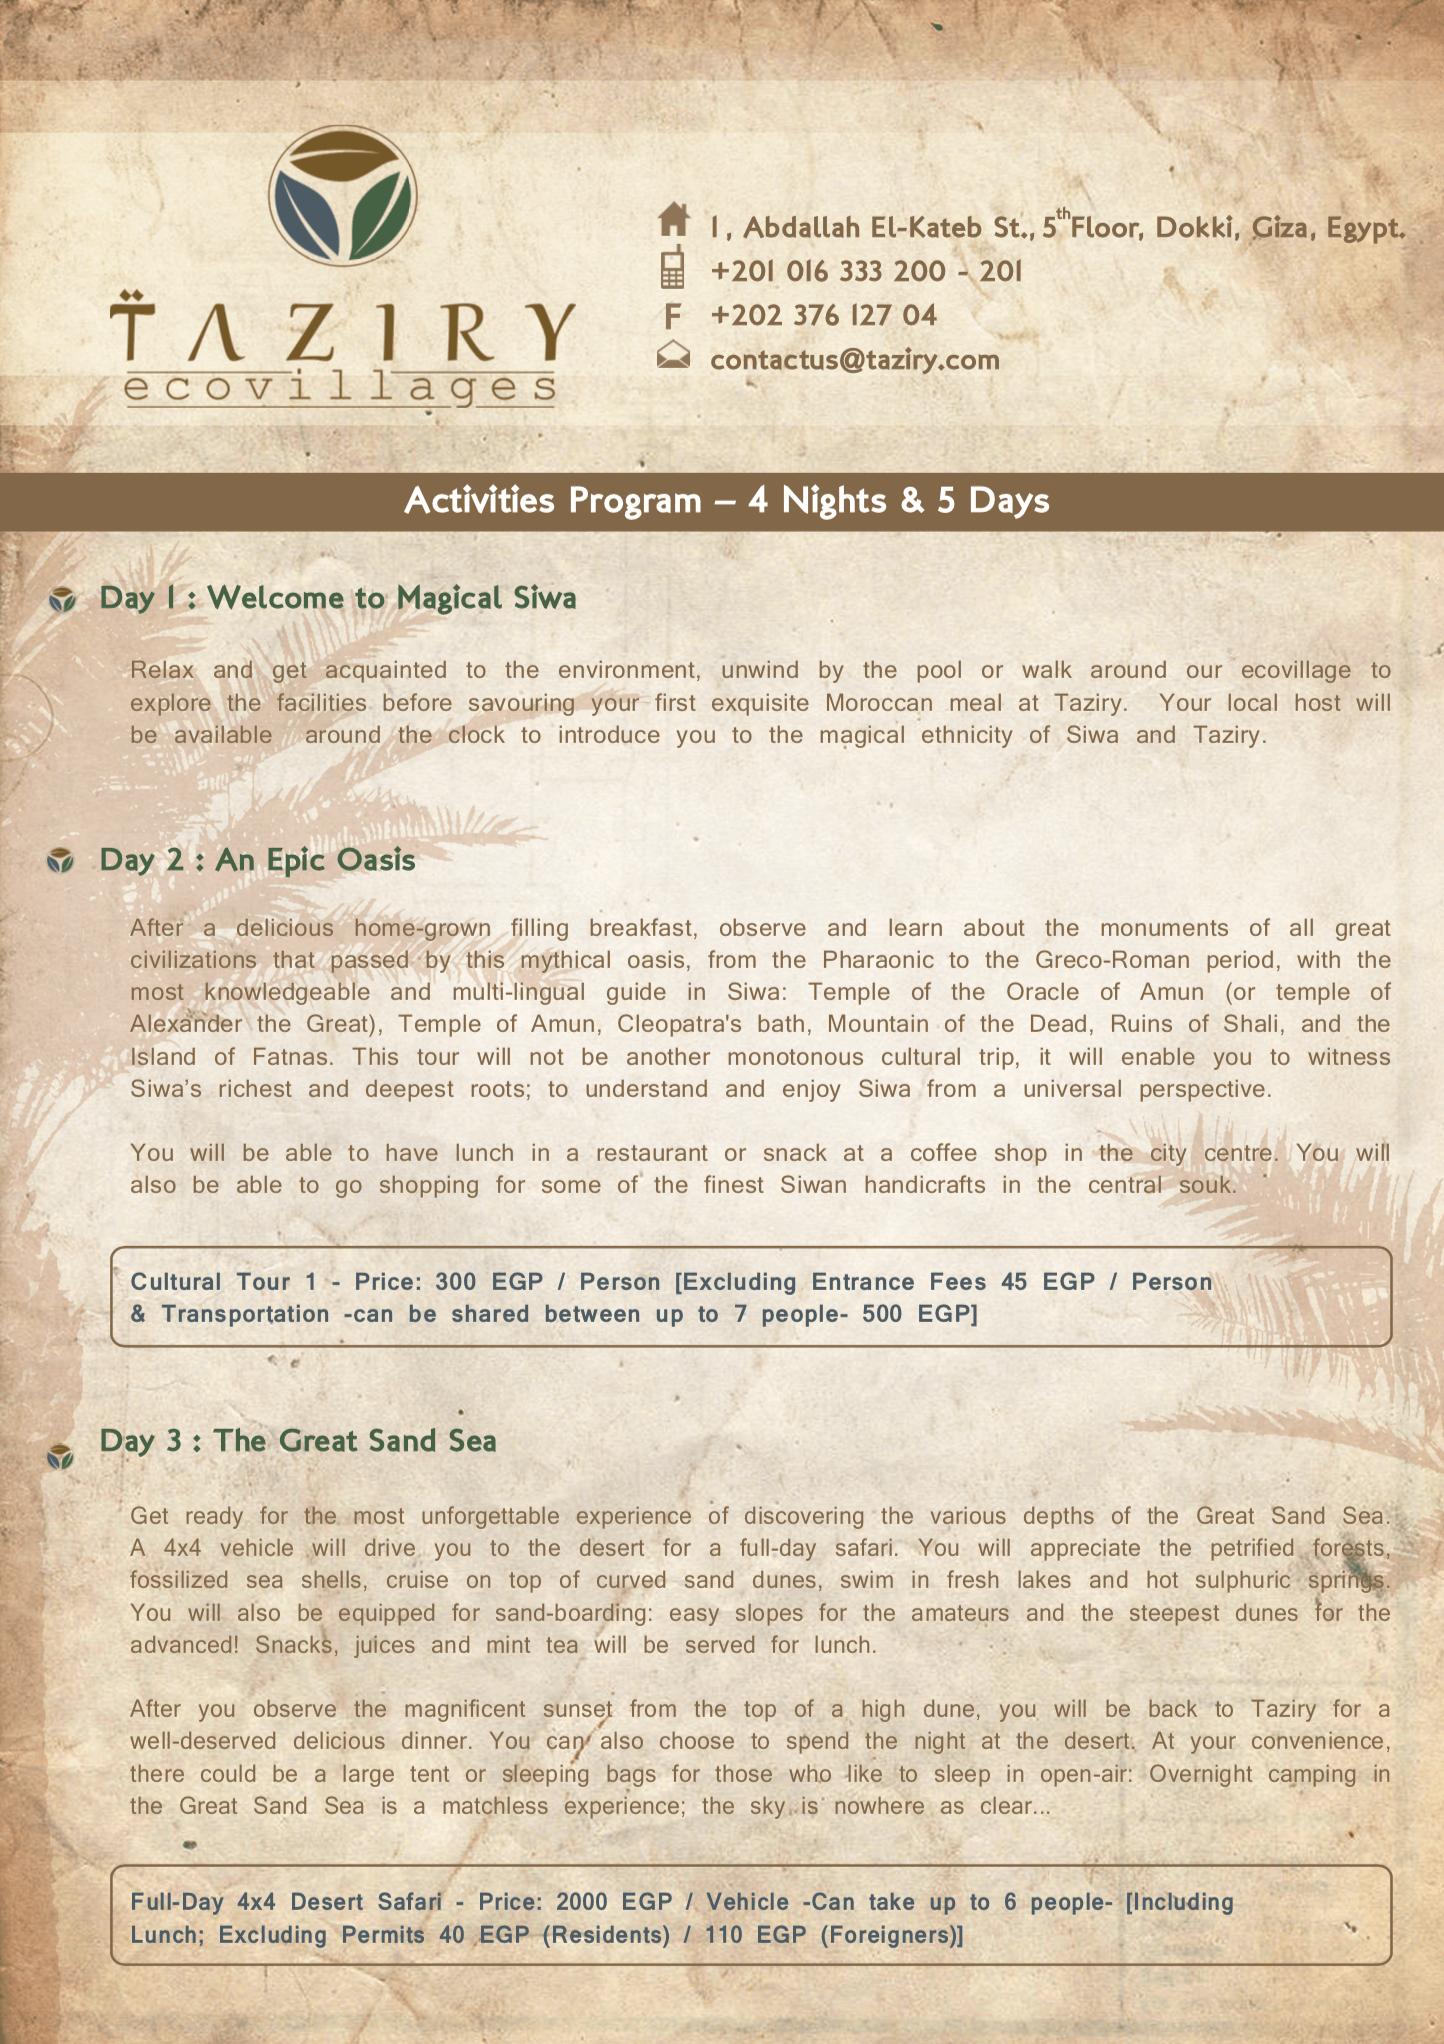 Taziry activities program 4 nights 5 days